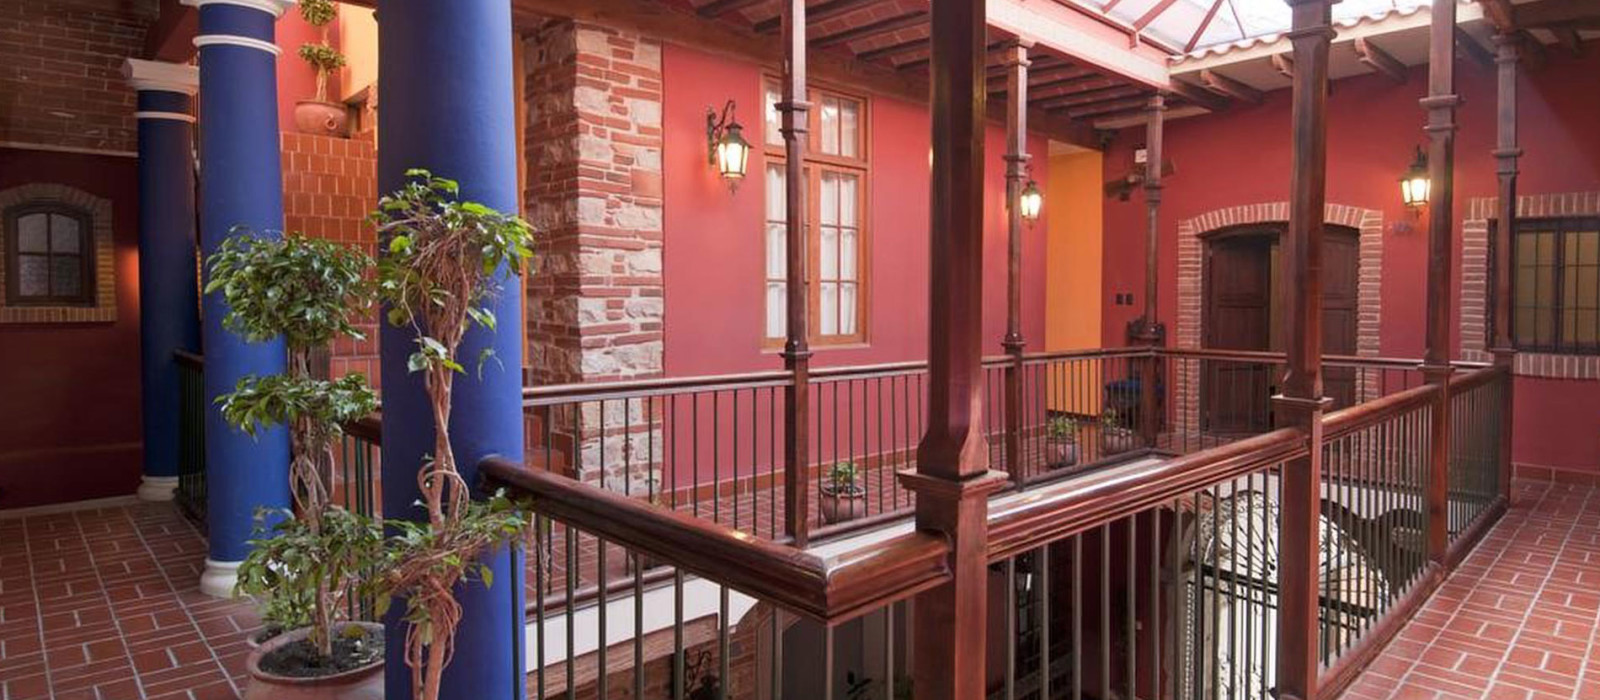 Hotel La Casona de la Ronda Ecuador/Galapagos